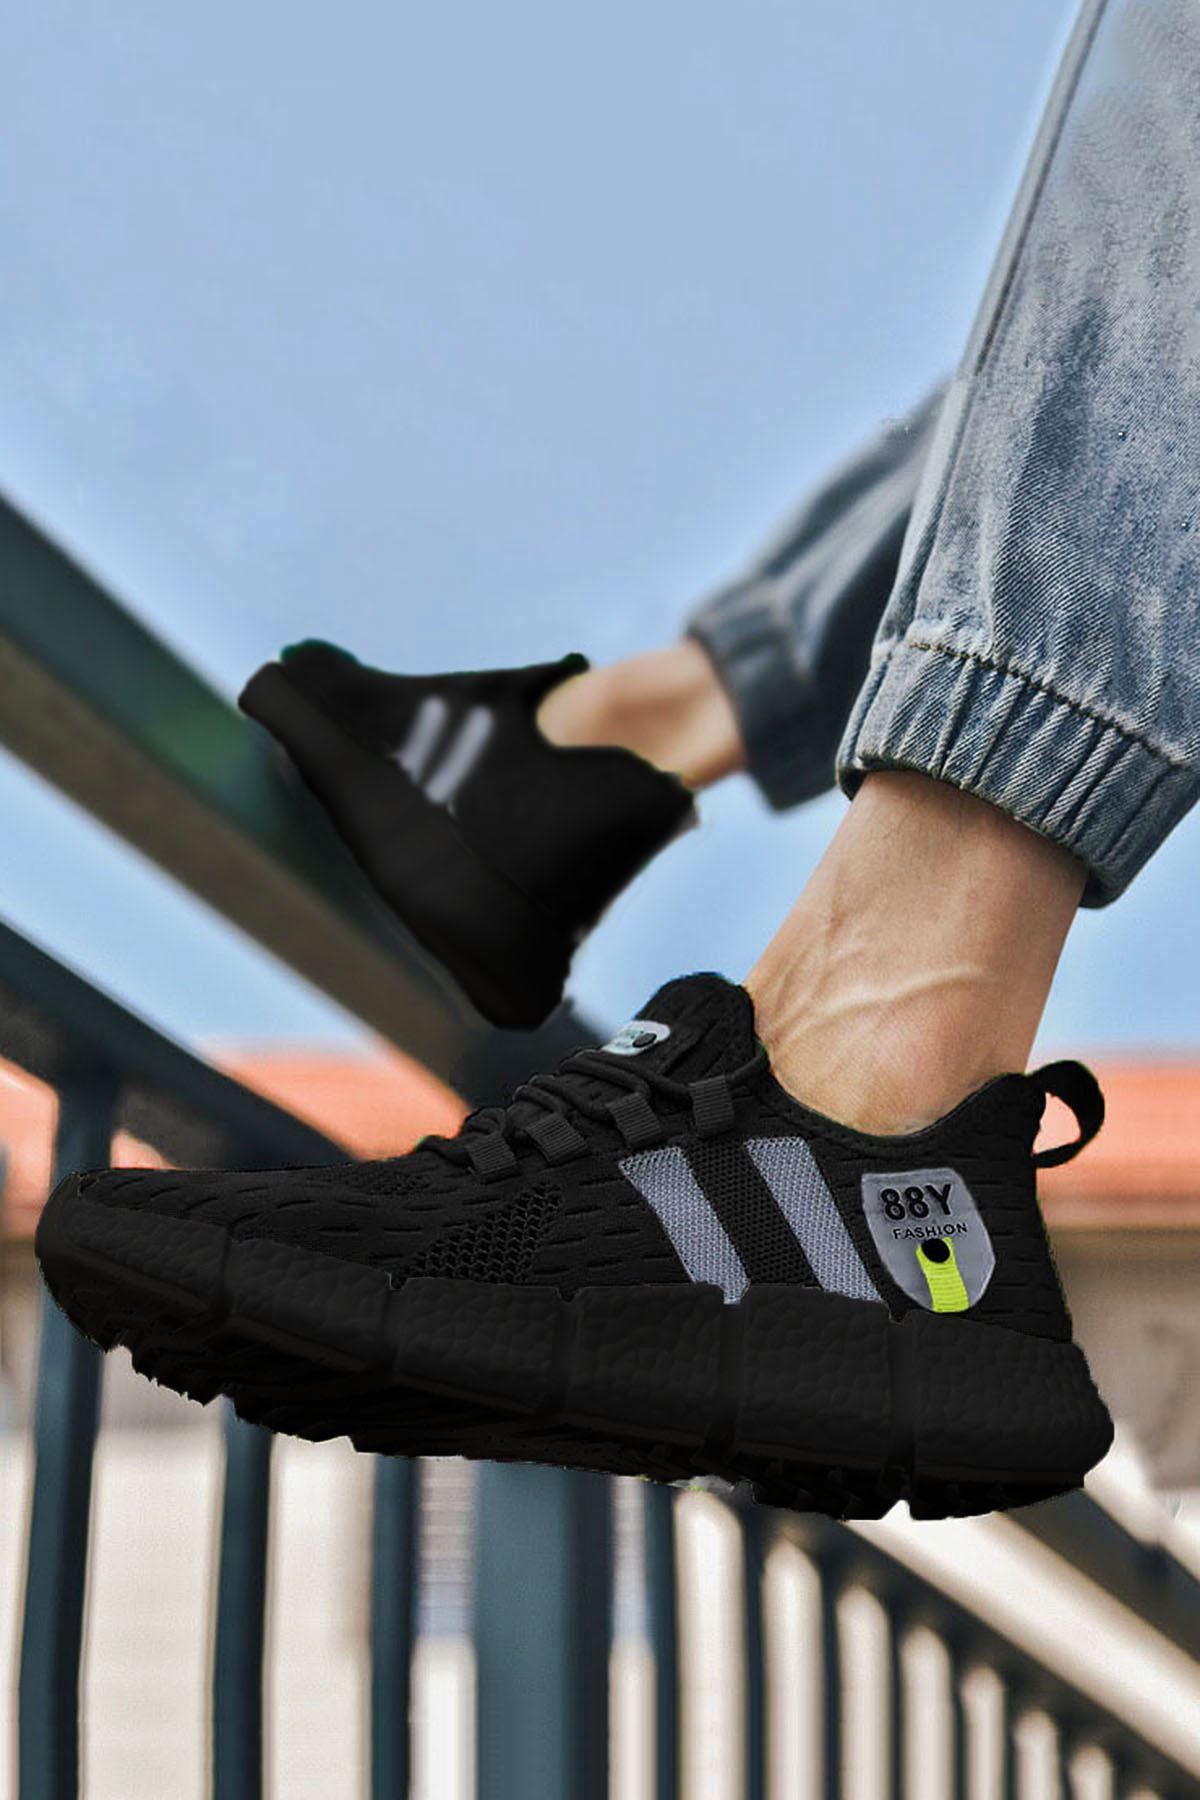 Siyah Çizgi Detay Erkek Triko Spor Ayakkabı